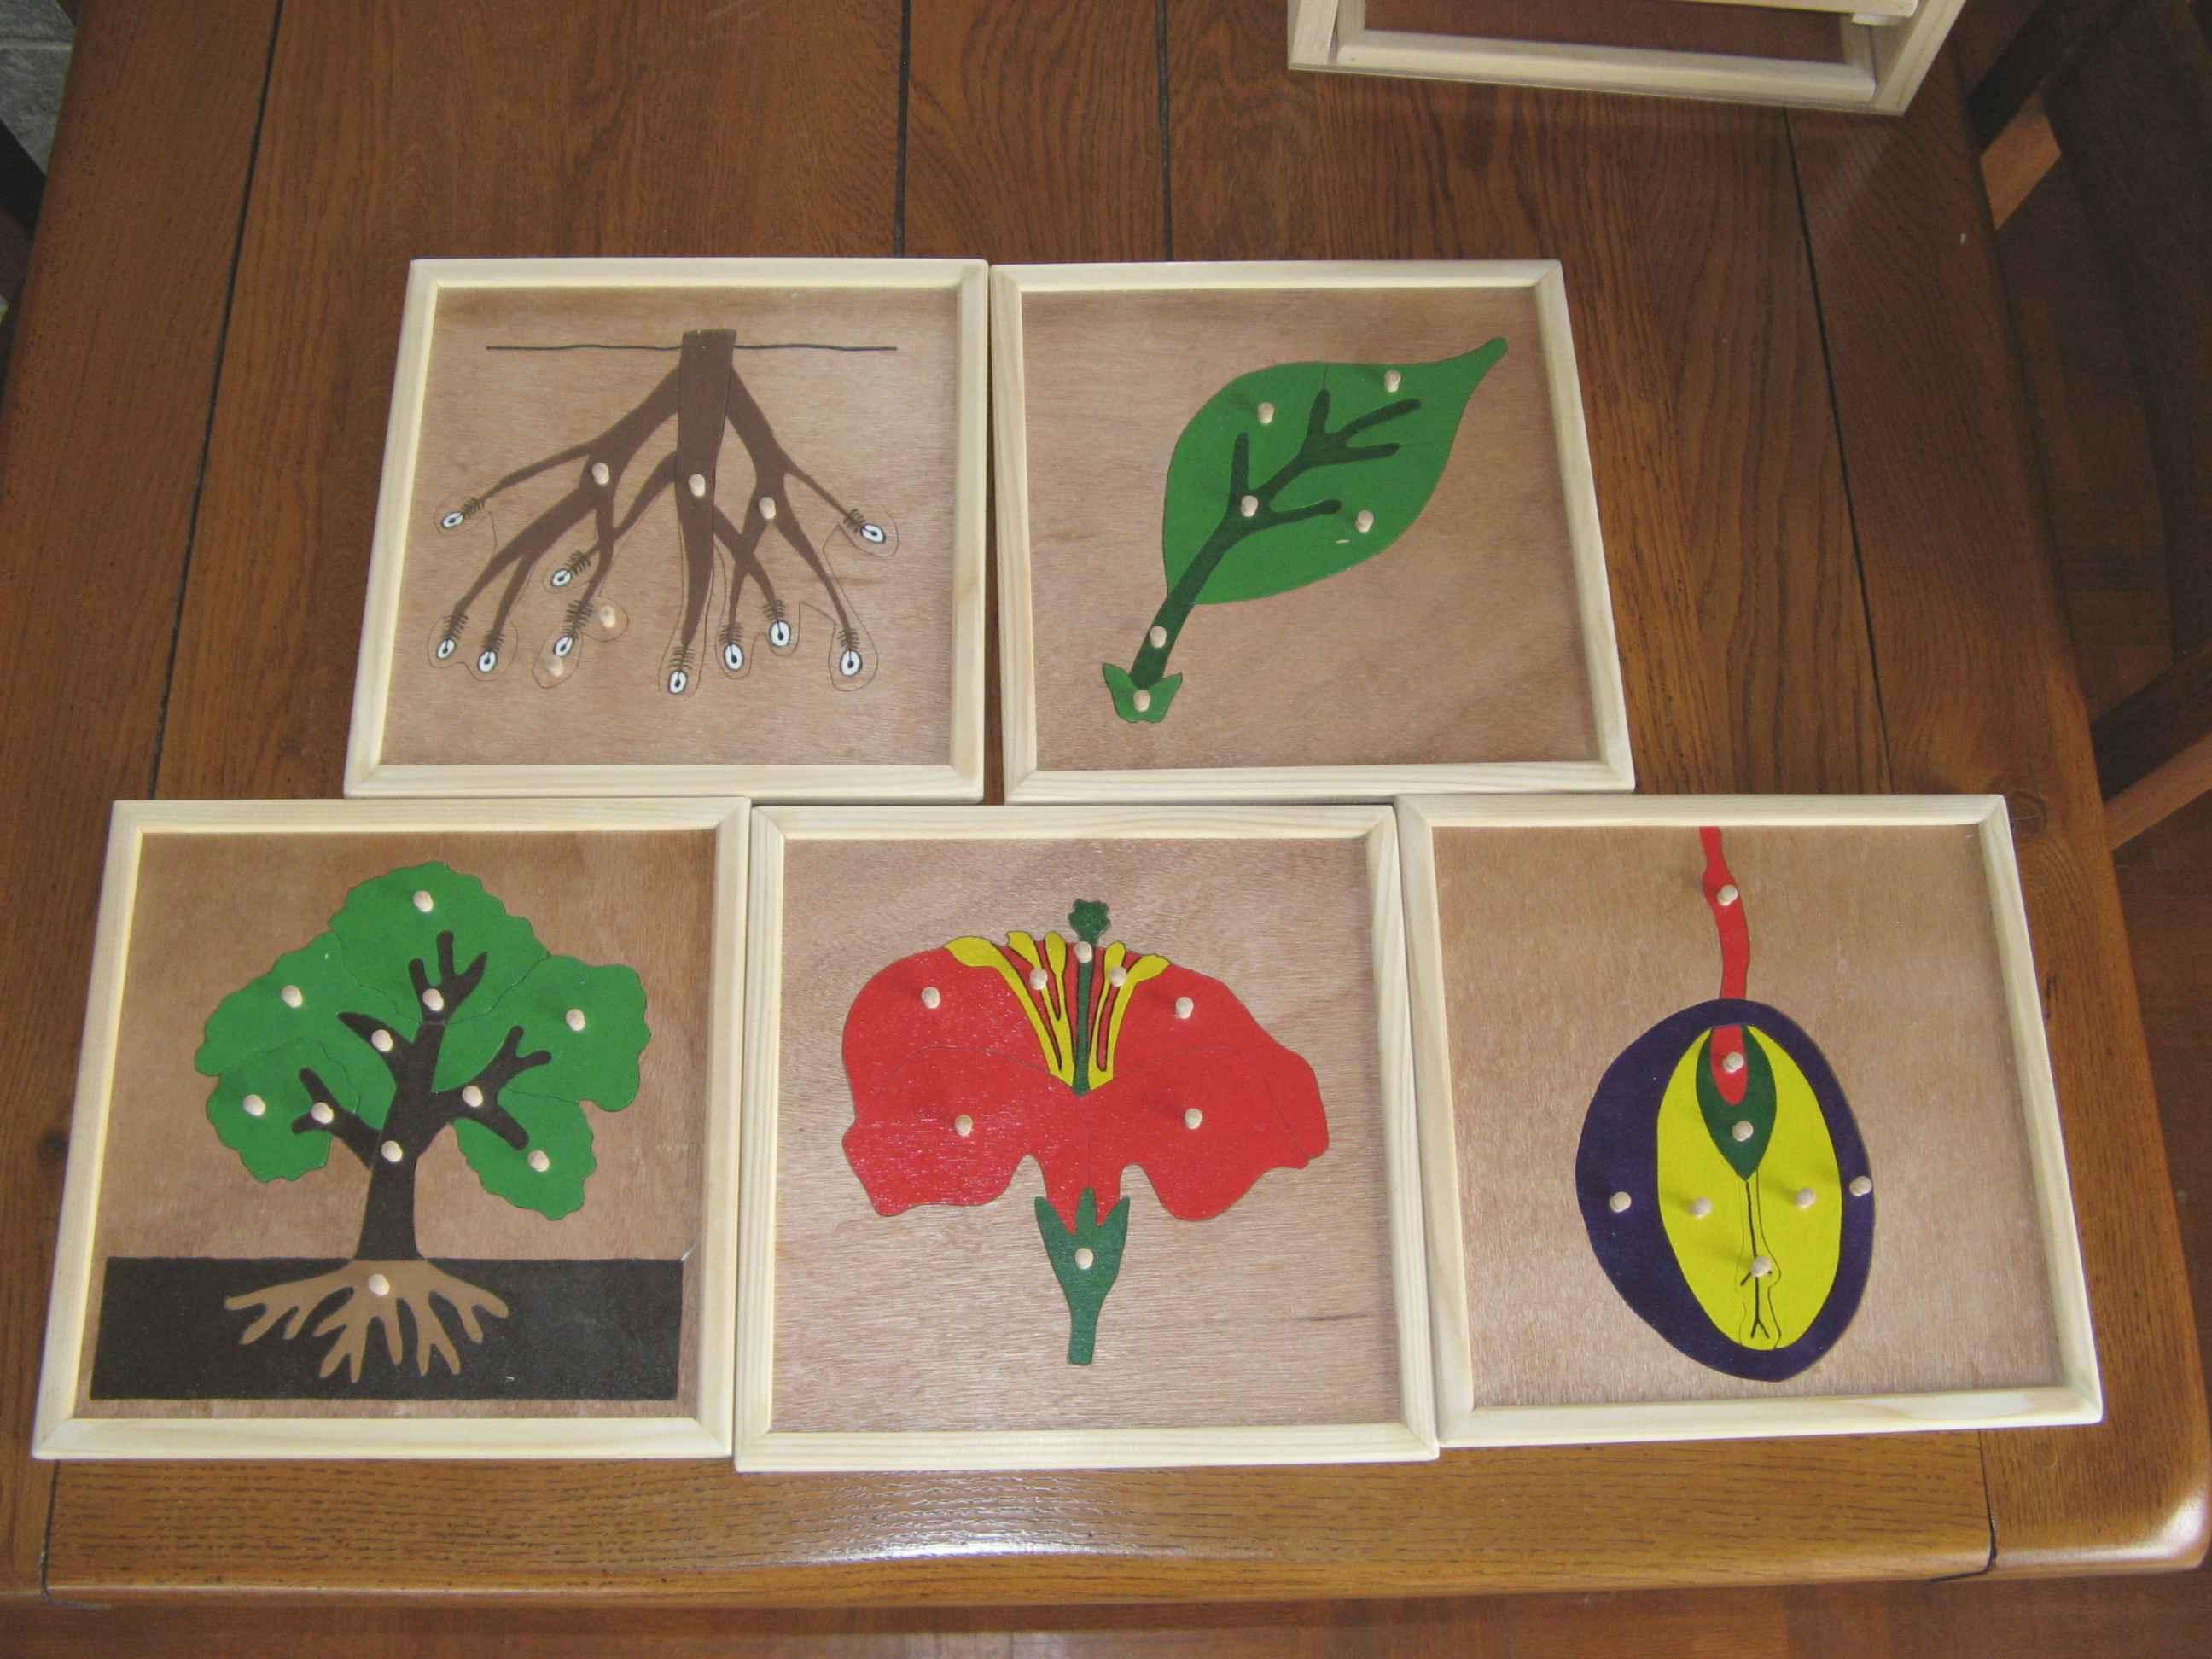 Puzzles botanique et zoologie : utilisation